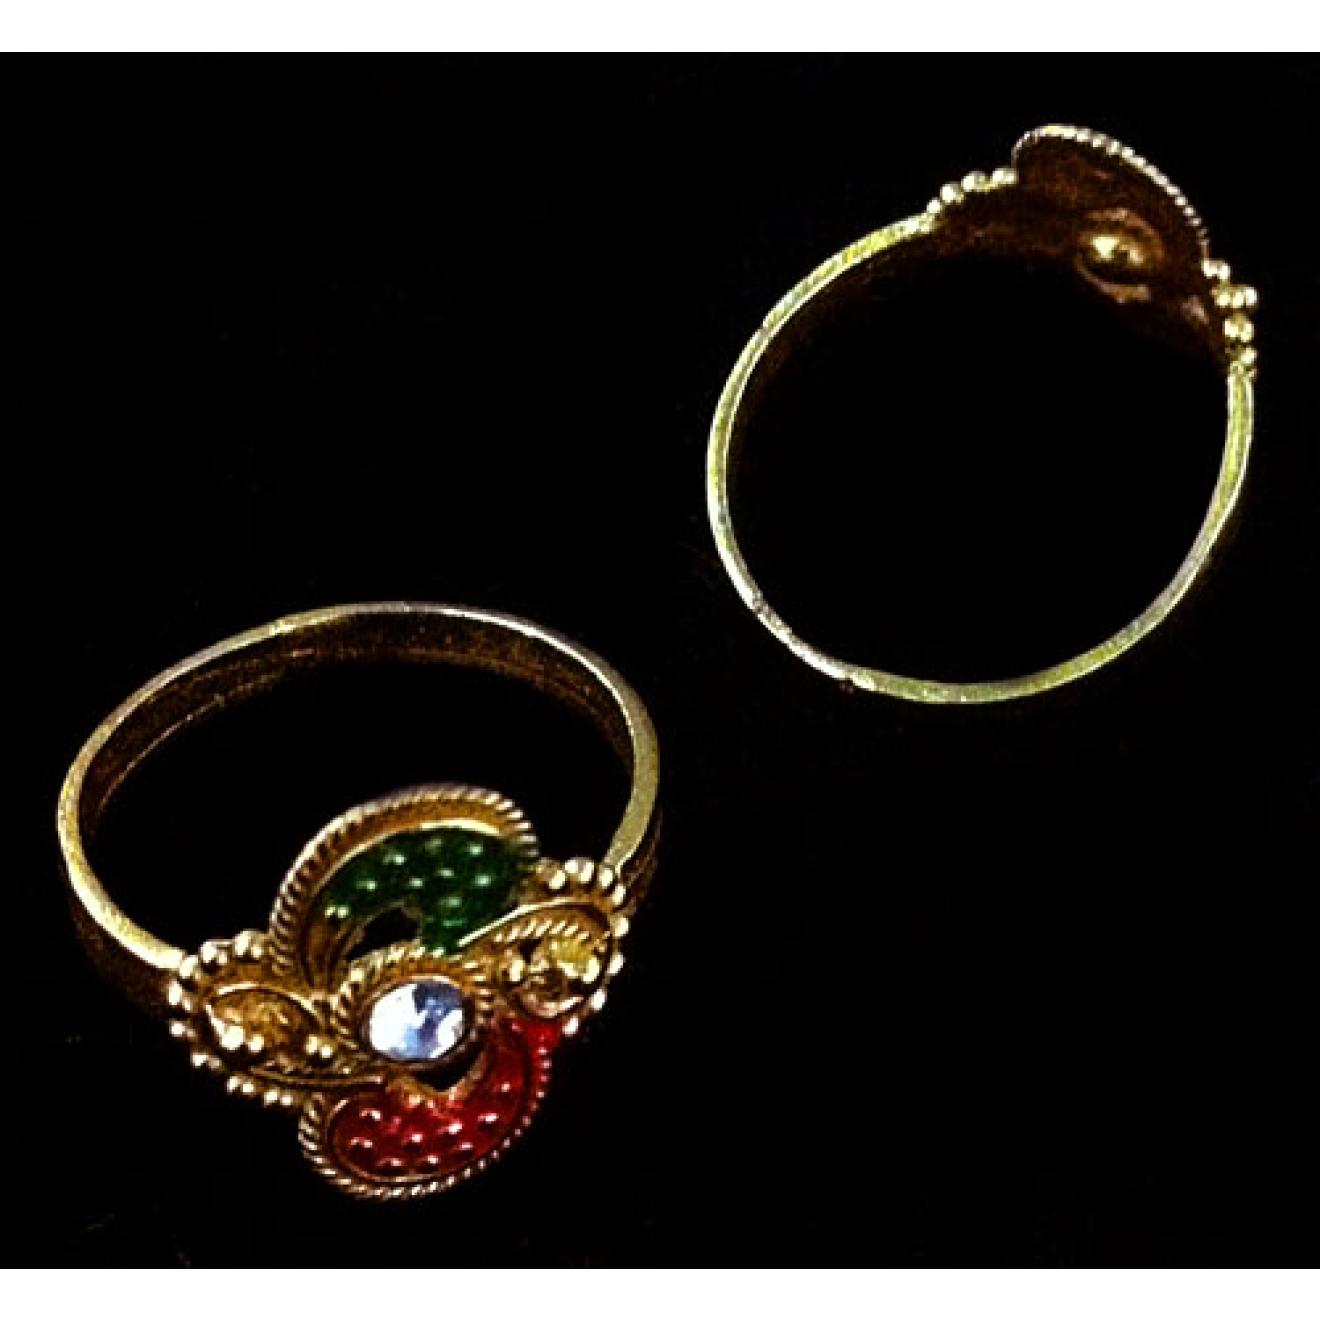 sch ner ring verziert mit strasssteinen beautiful ring with rhinestones. Black Bedroom Furniture Sets. Home Design Ideas